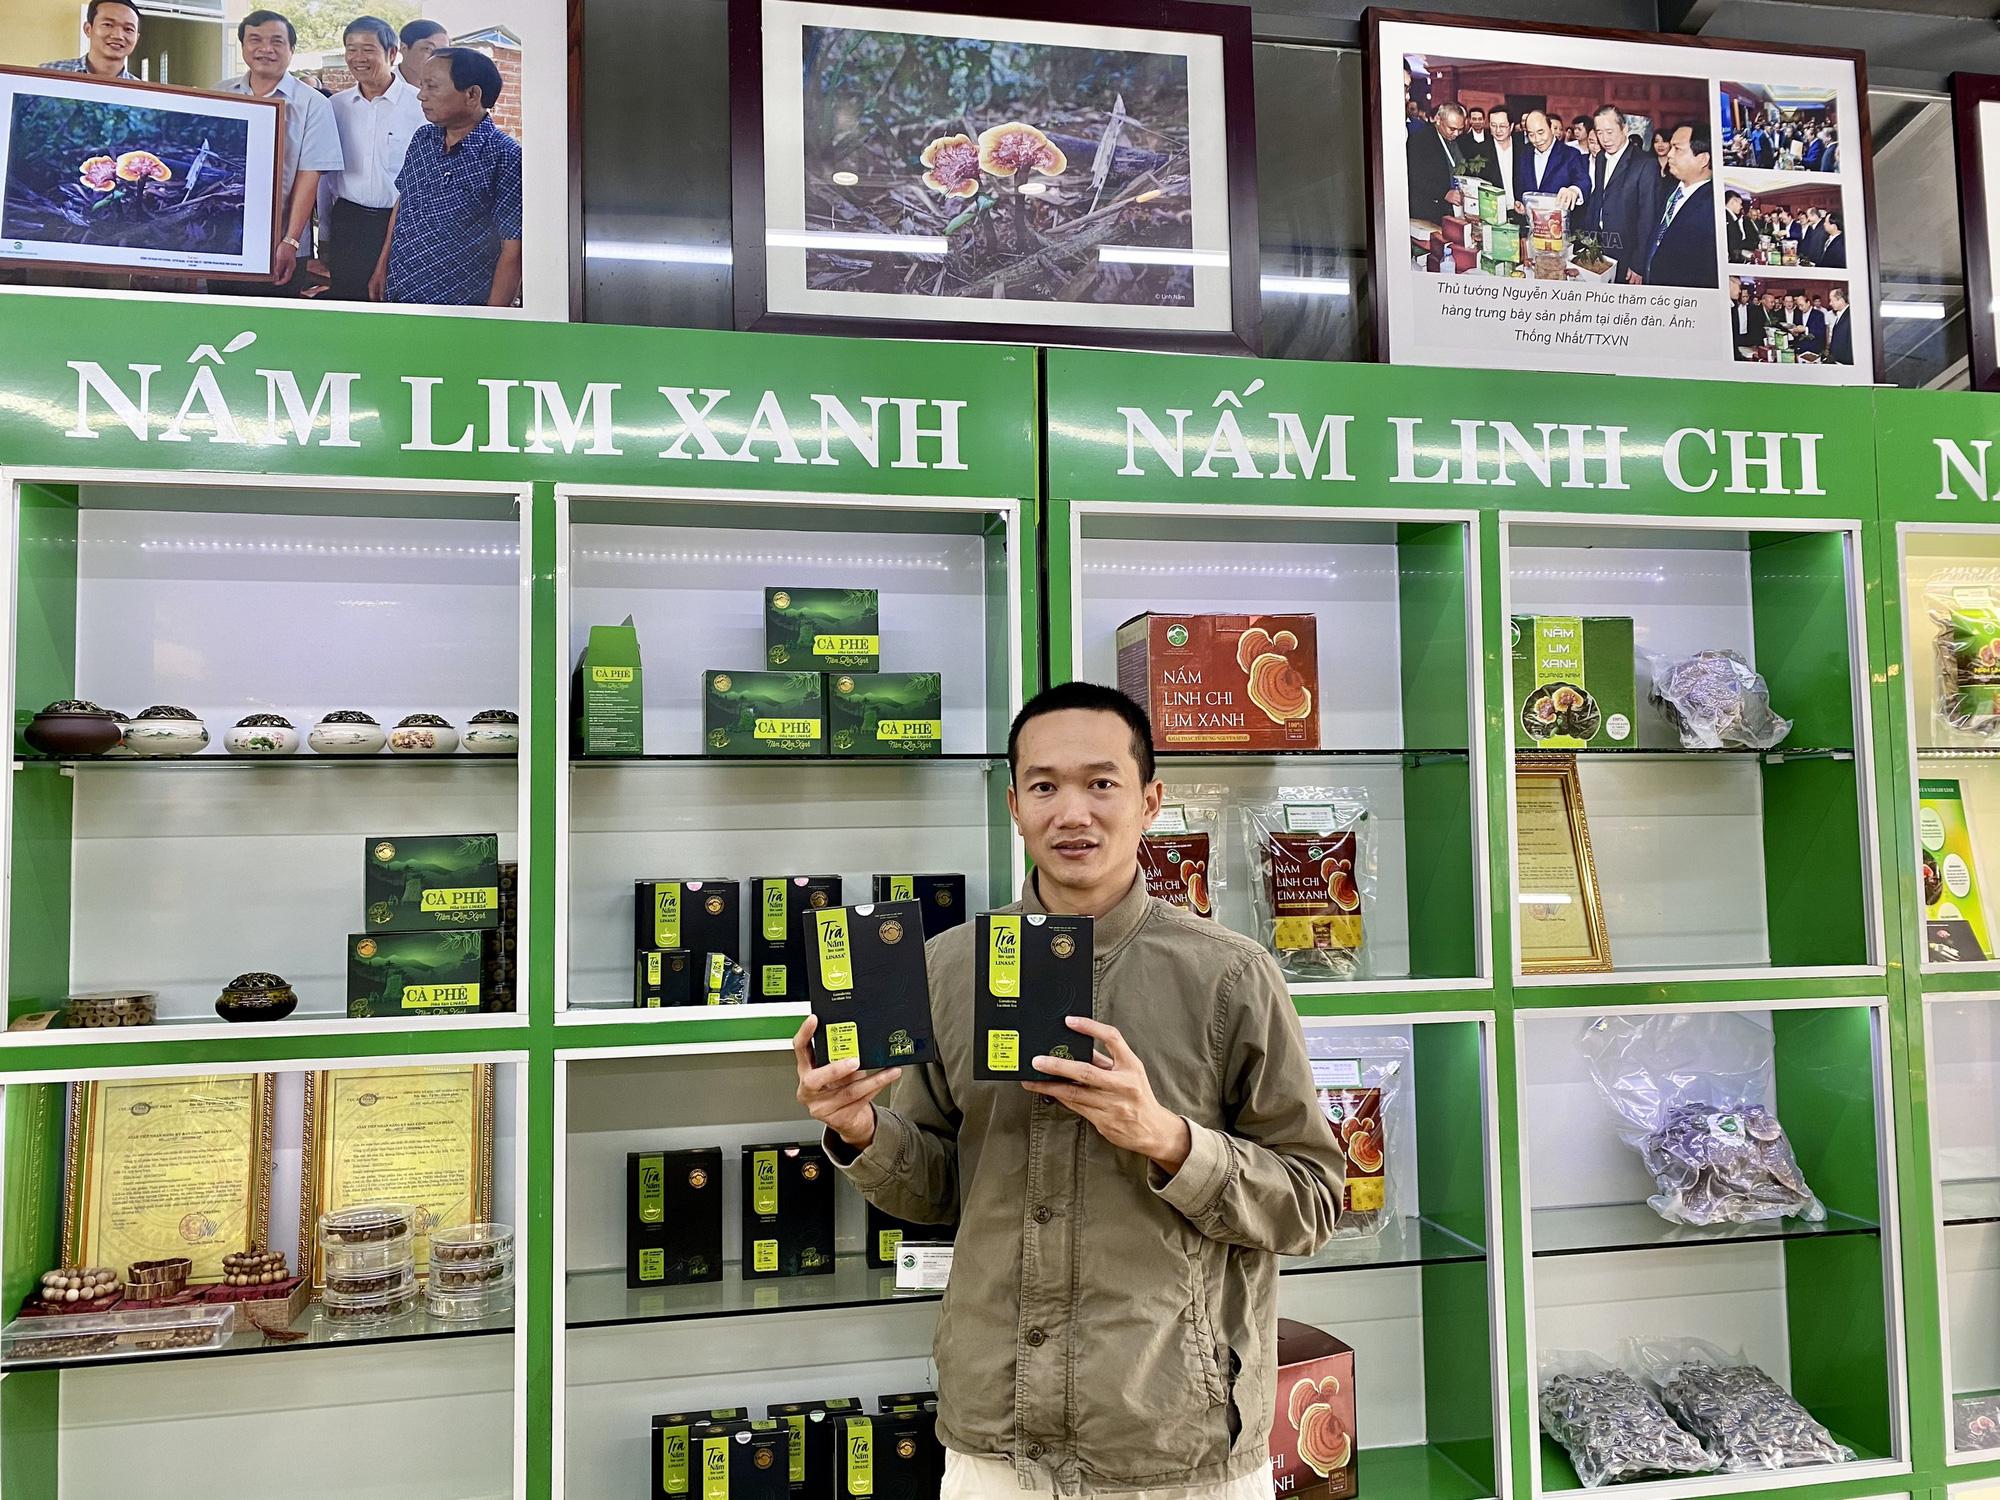 Quảng Nam: Năm 2025 sẽ có 5 sản phẩm chủ lực đạt hạng 5 sao OCOP - Ảnh 3.